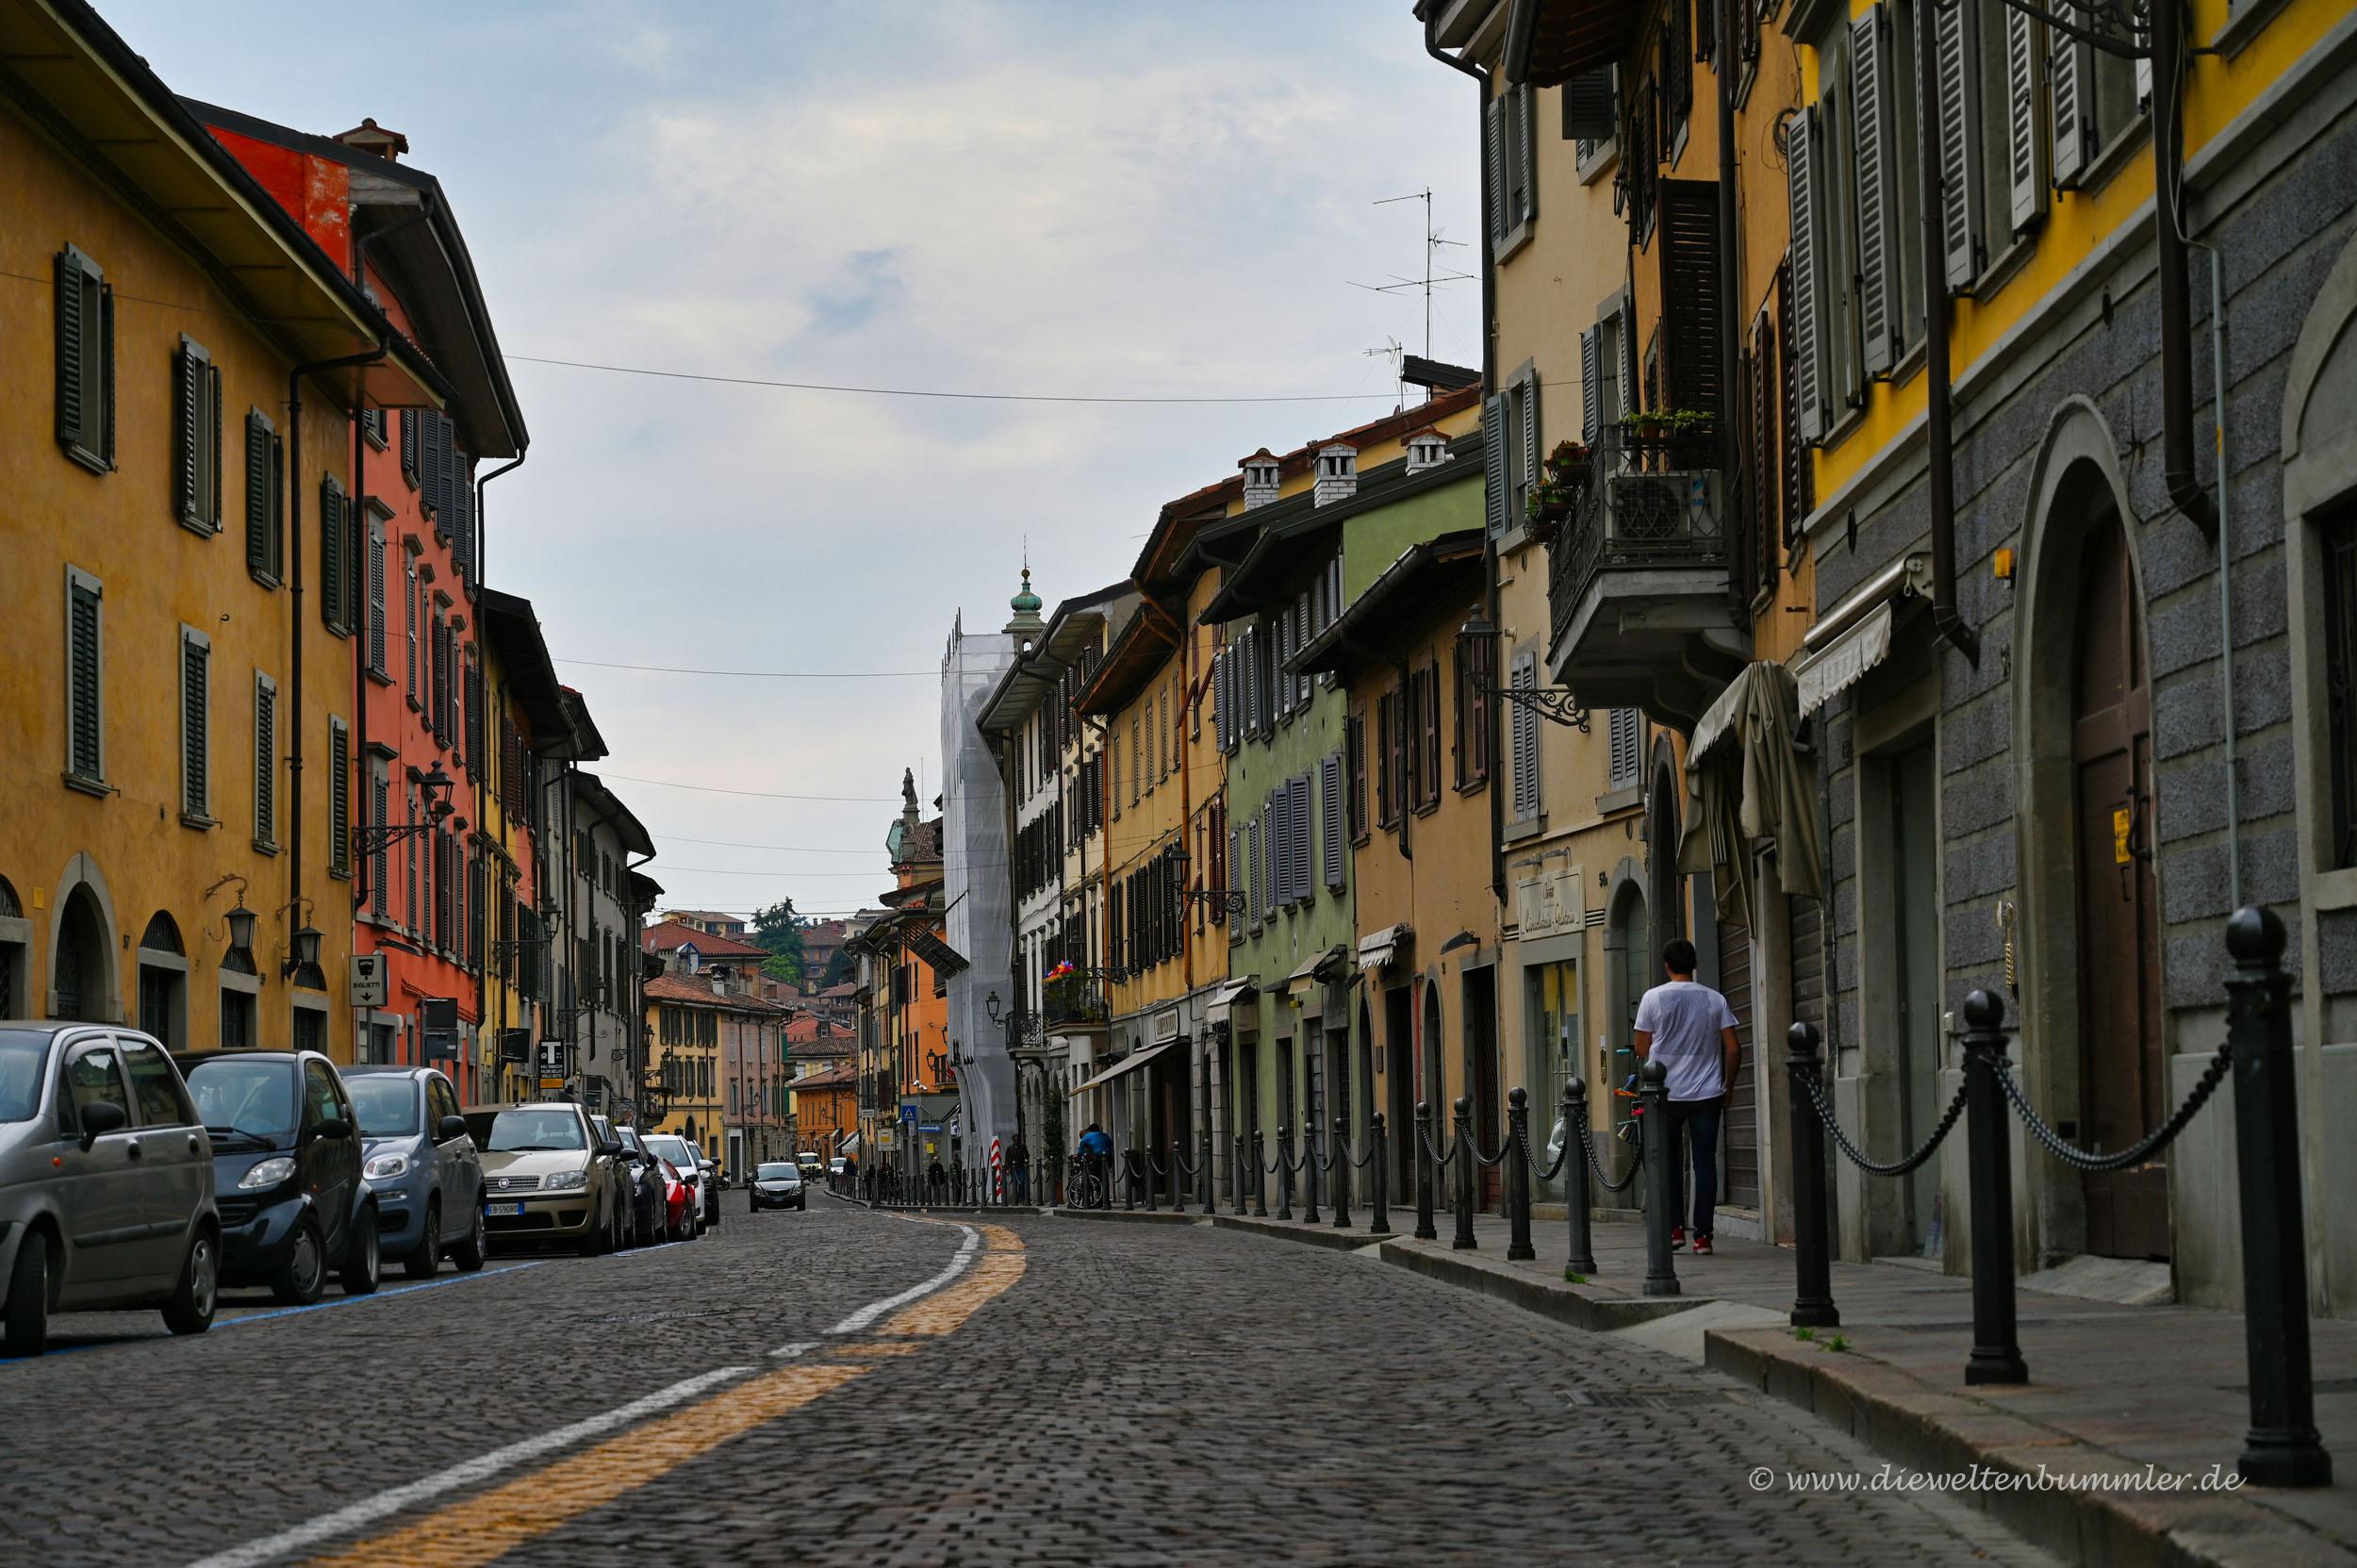 Unterstadt in Bergamo